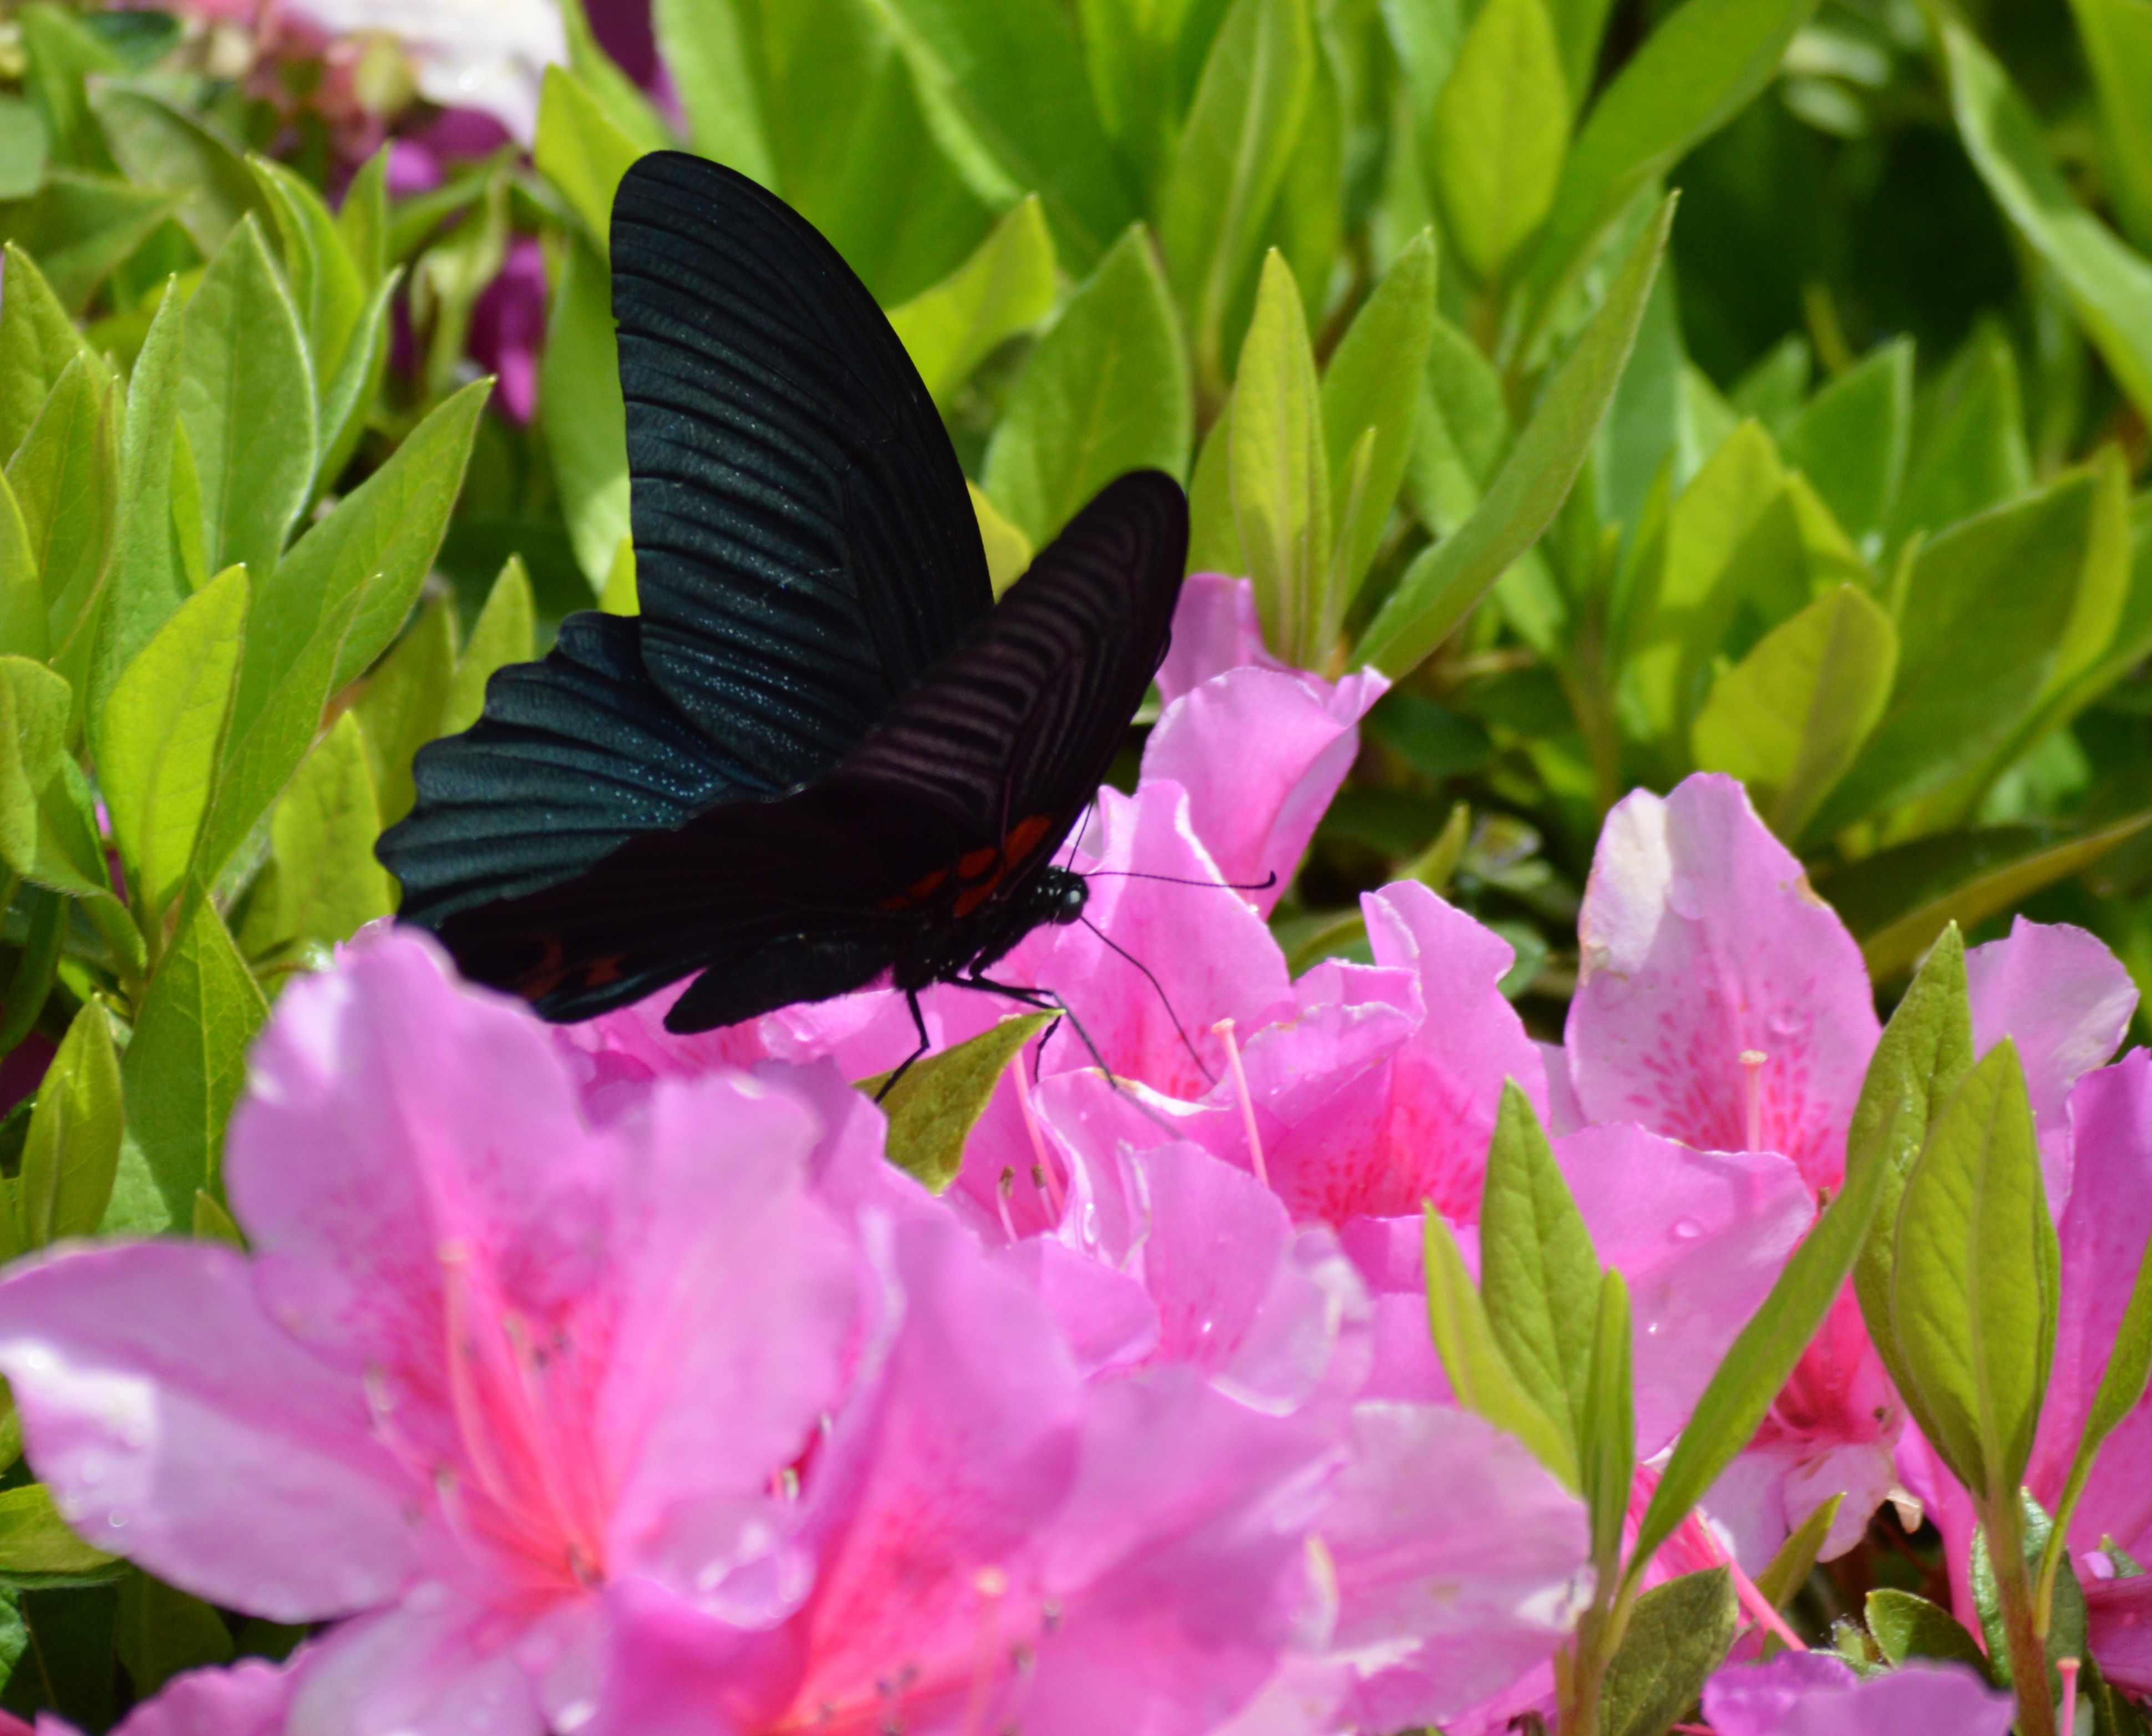 ナガサキアゲハ 超巨大な蝶です_d0254540_1334454.jpg